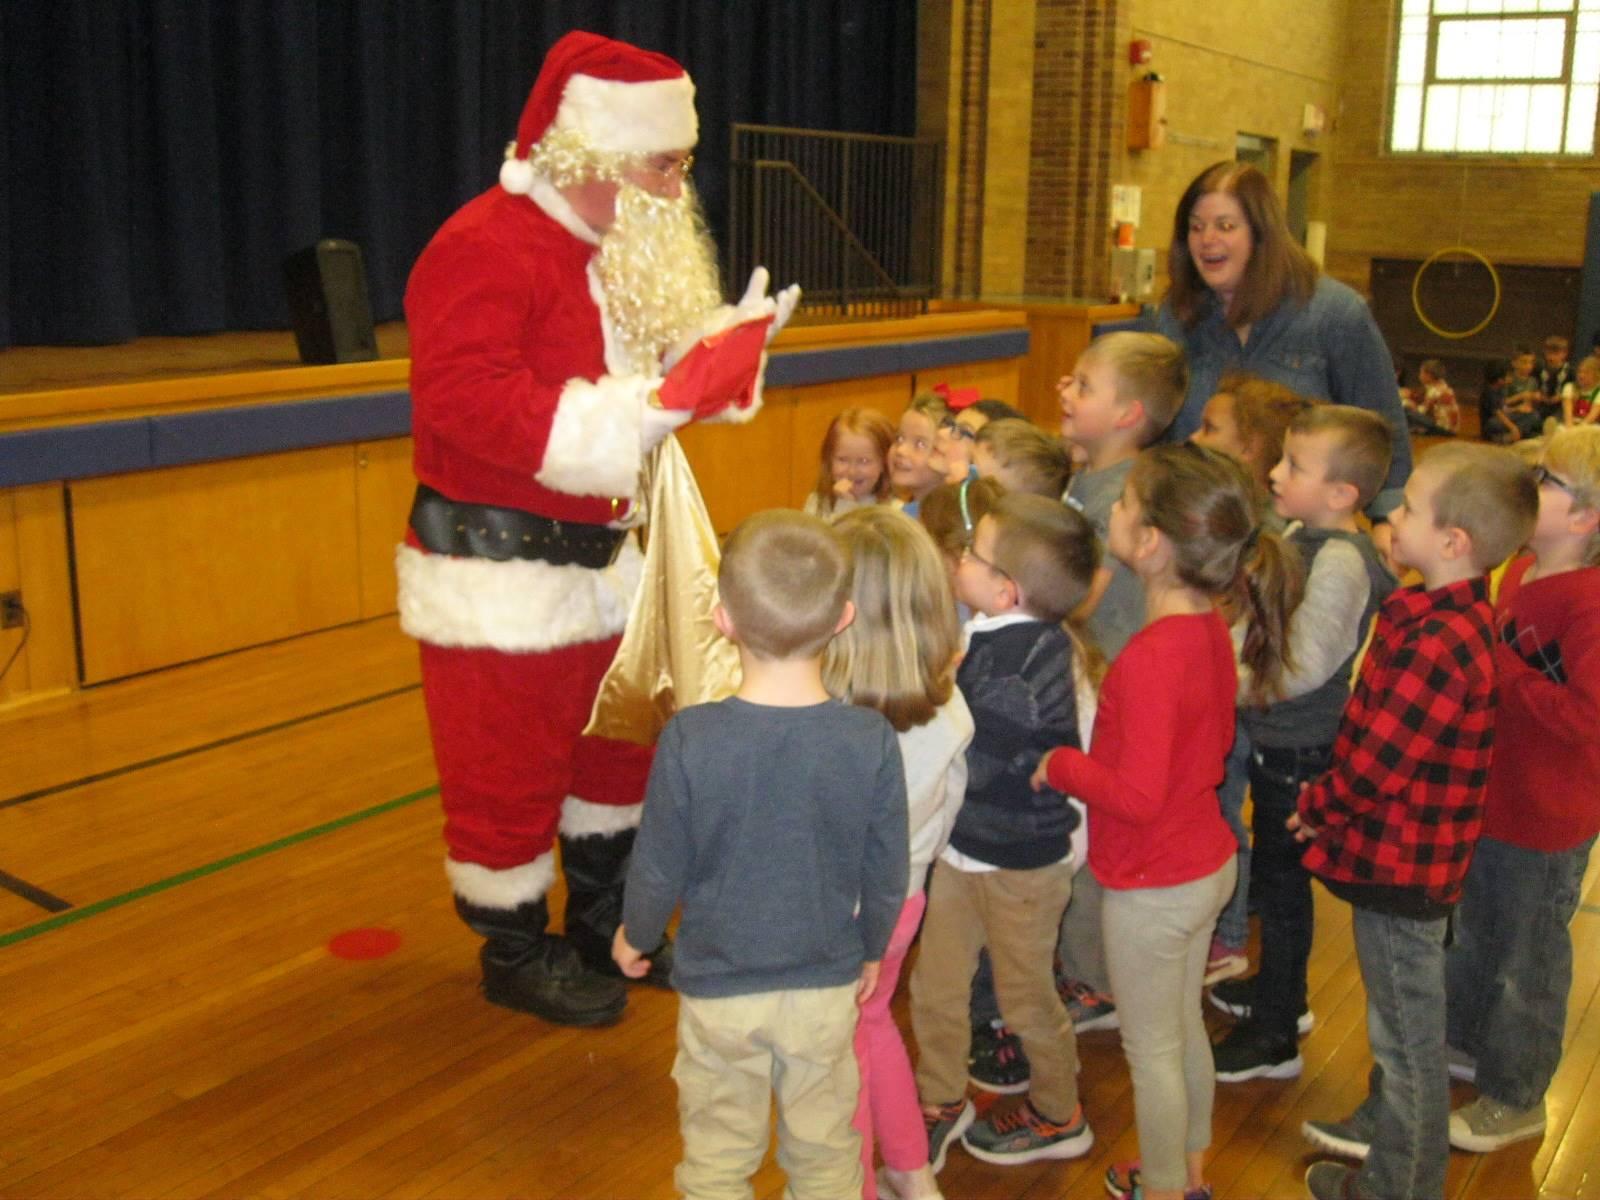 Santa gives gifts to students.